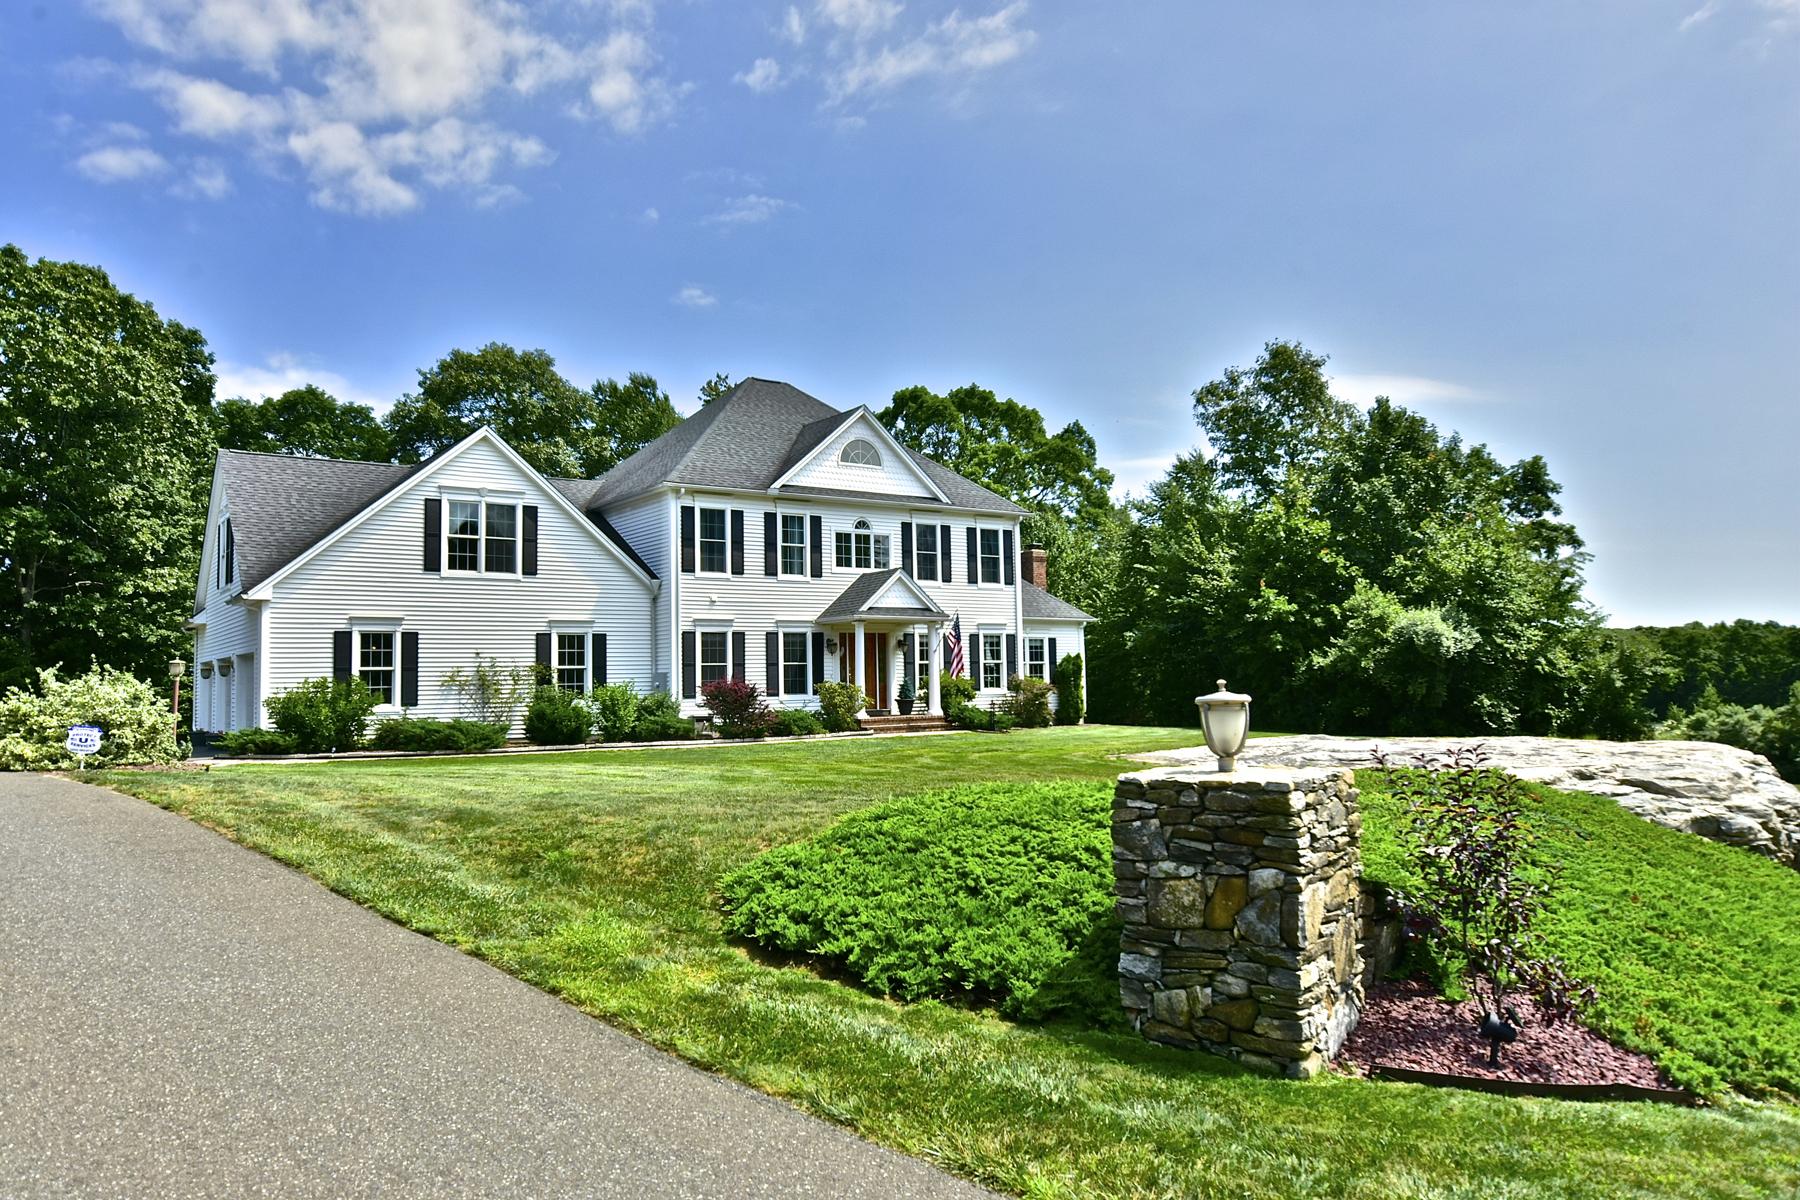 独户住宅 为 销售 在 Desirable Wolf Hollow Colonial 12 Fox Run Ln 基林沃斯, 康涅狄格州, 06419 美国